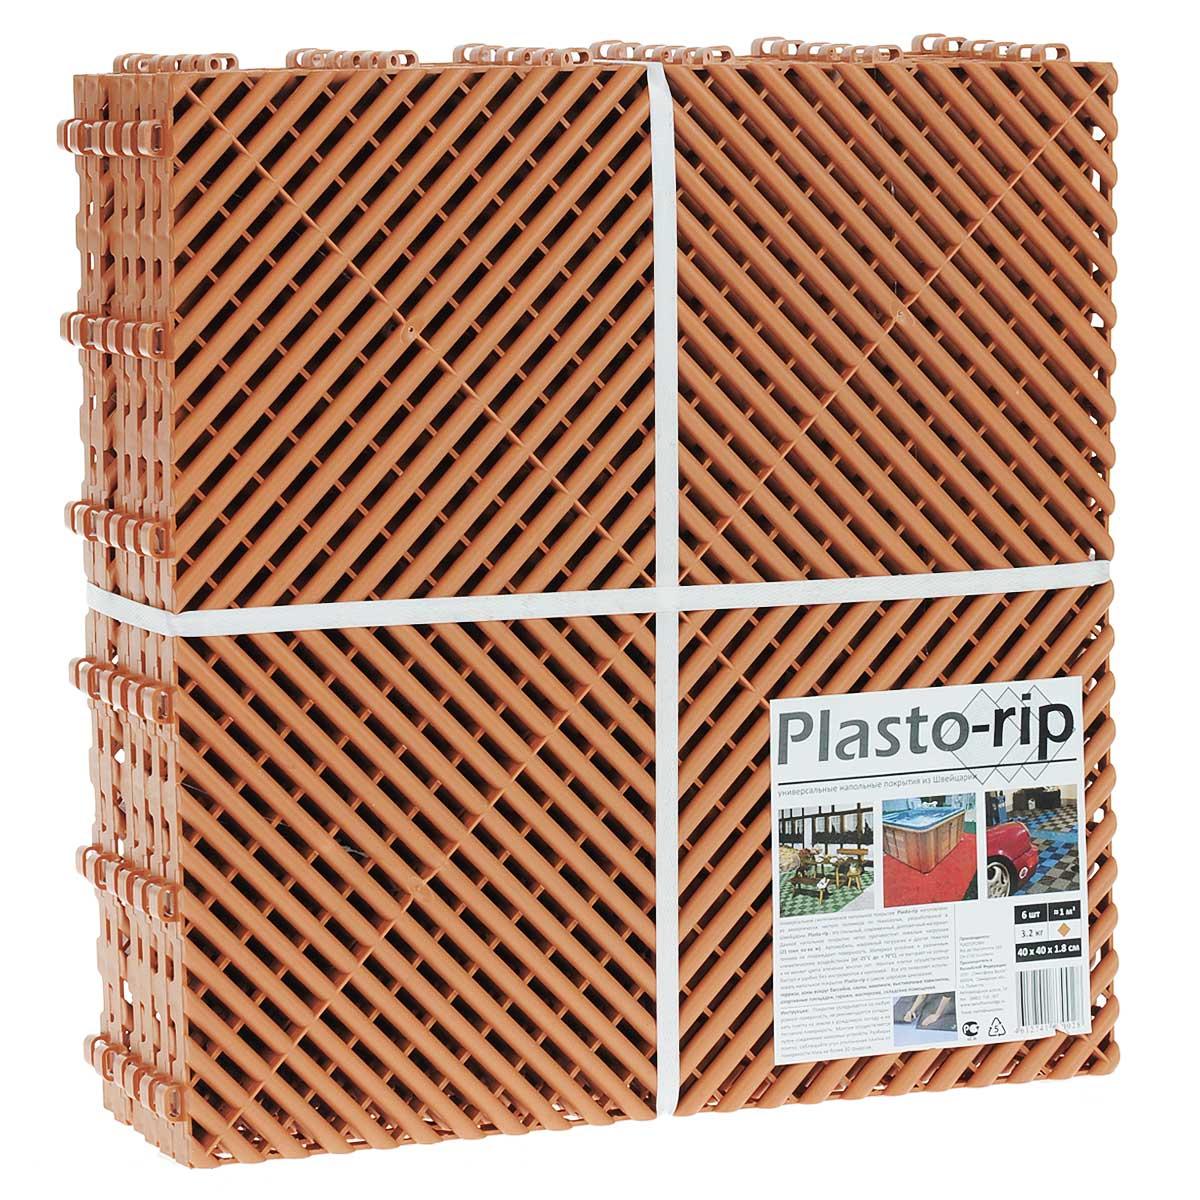 Плитка для пола Plasto Rip, цвет: терракотовый, 40 см х 40 см х 1,8 см, 6 штптПлитка для пола Plasto Rip - это универсальное синтетическое напольное покрытие, изготовленное из экологически чистого полимера по технологии, разработанной в Швейцарии. Это стильный, современный, долговечный материал. Данное напольное покрытие легко противостоит тяжелым нагрузкам (25 тонн на кв.м.). Автомобиль, массивный погрузчик и другая тяжелая техника не повреждает поверхность. Материал устойчив к различным климатическим воздействиям (от -25°С до +70°С), не выгорает на солнце и не меняет цвета в течение многих лет. Монтаж плитки осуществляется быстро и удобно без инструментов и крепежей. Все это позволяет использовать покрытие в самом широком диапазоне: террасы, зоны вокруг бассейна, сауны, кемпинги, выставочные павильоны, спортивные площадки, гаражи, мастерские, складские помещения. В комплекте 6 плиток, рассчитанных на покрытие 1 кв.м. Инструкция по монтажу на упаковке. Размер одной плитки: 40 см x 40 см x 1,8 см. Стабильность: от -20°C до +70°C. Давление: до 25 тонн на м2. Сопротивление: кислоты, щелочь. Плиток в 1 кв.м: 6 шт.